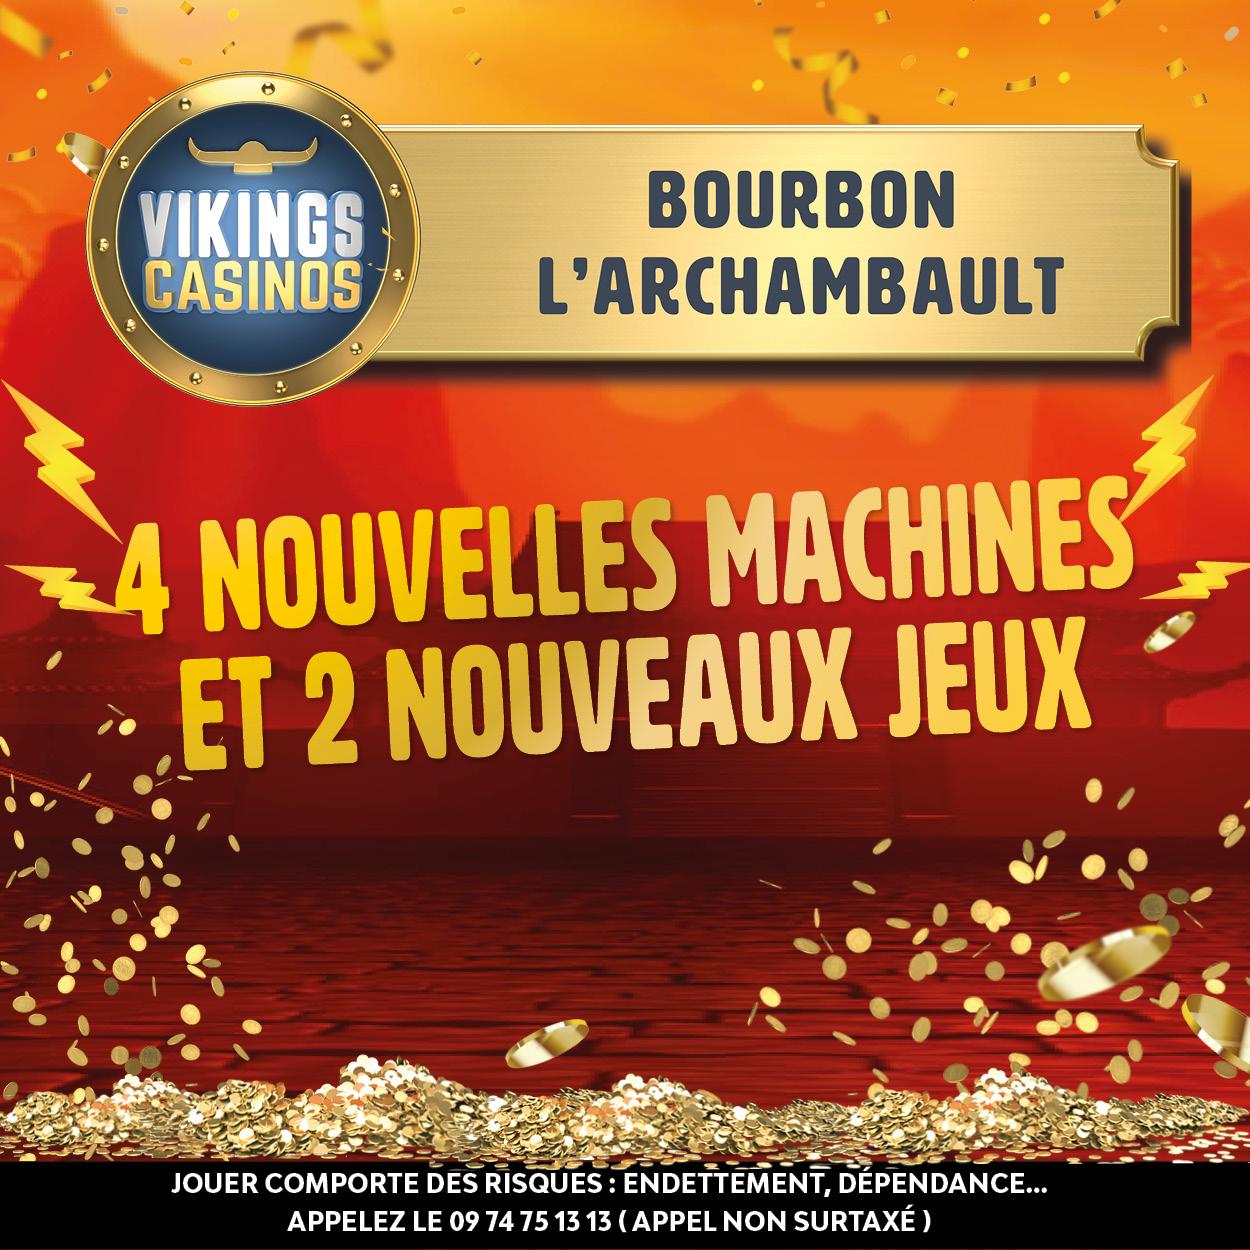 4 nouvelles machines arrivent au casino dont 3 en EXCLUSIVITE nationale !